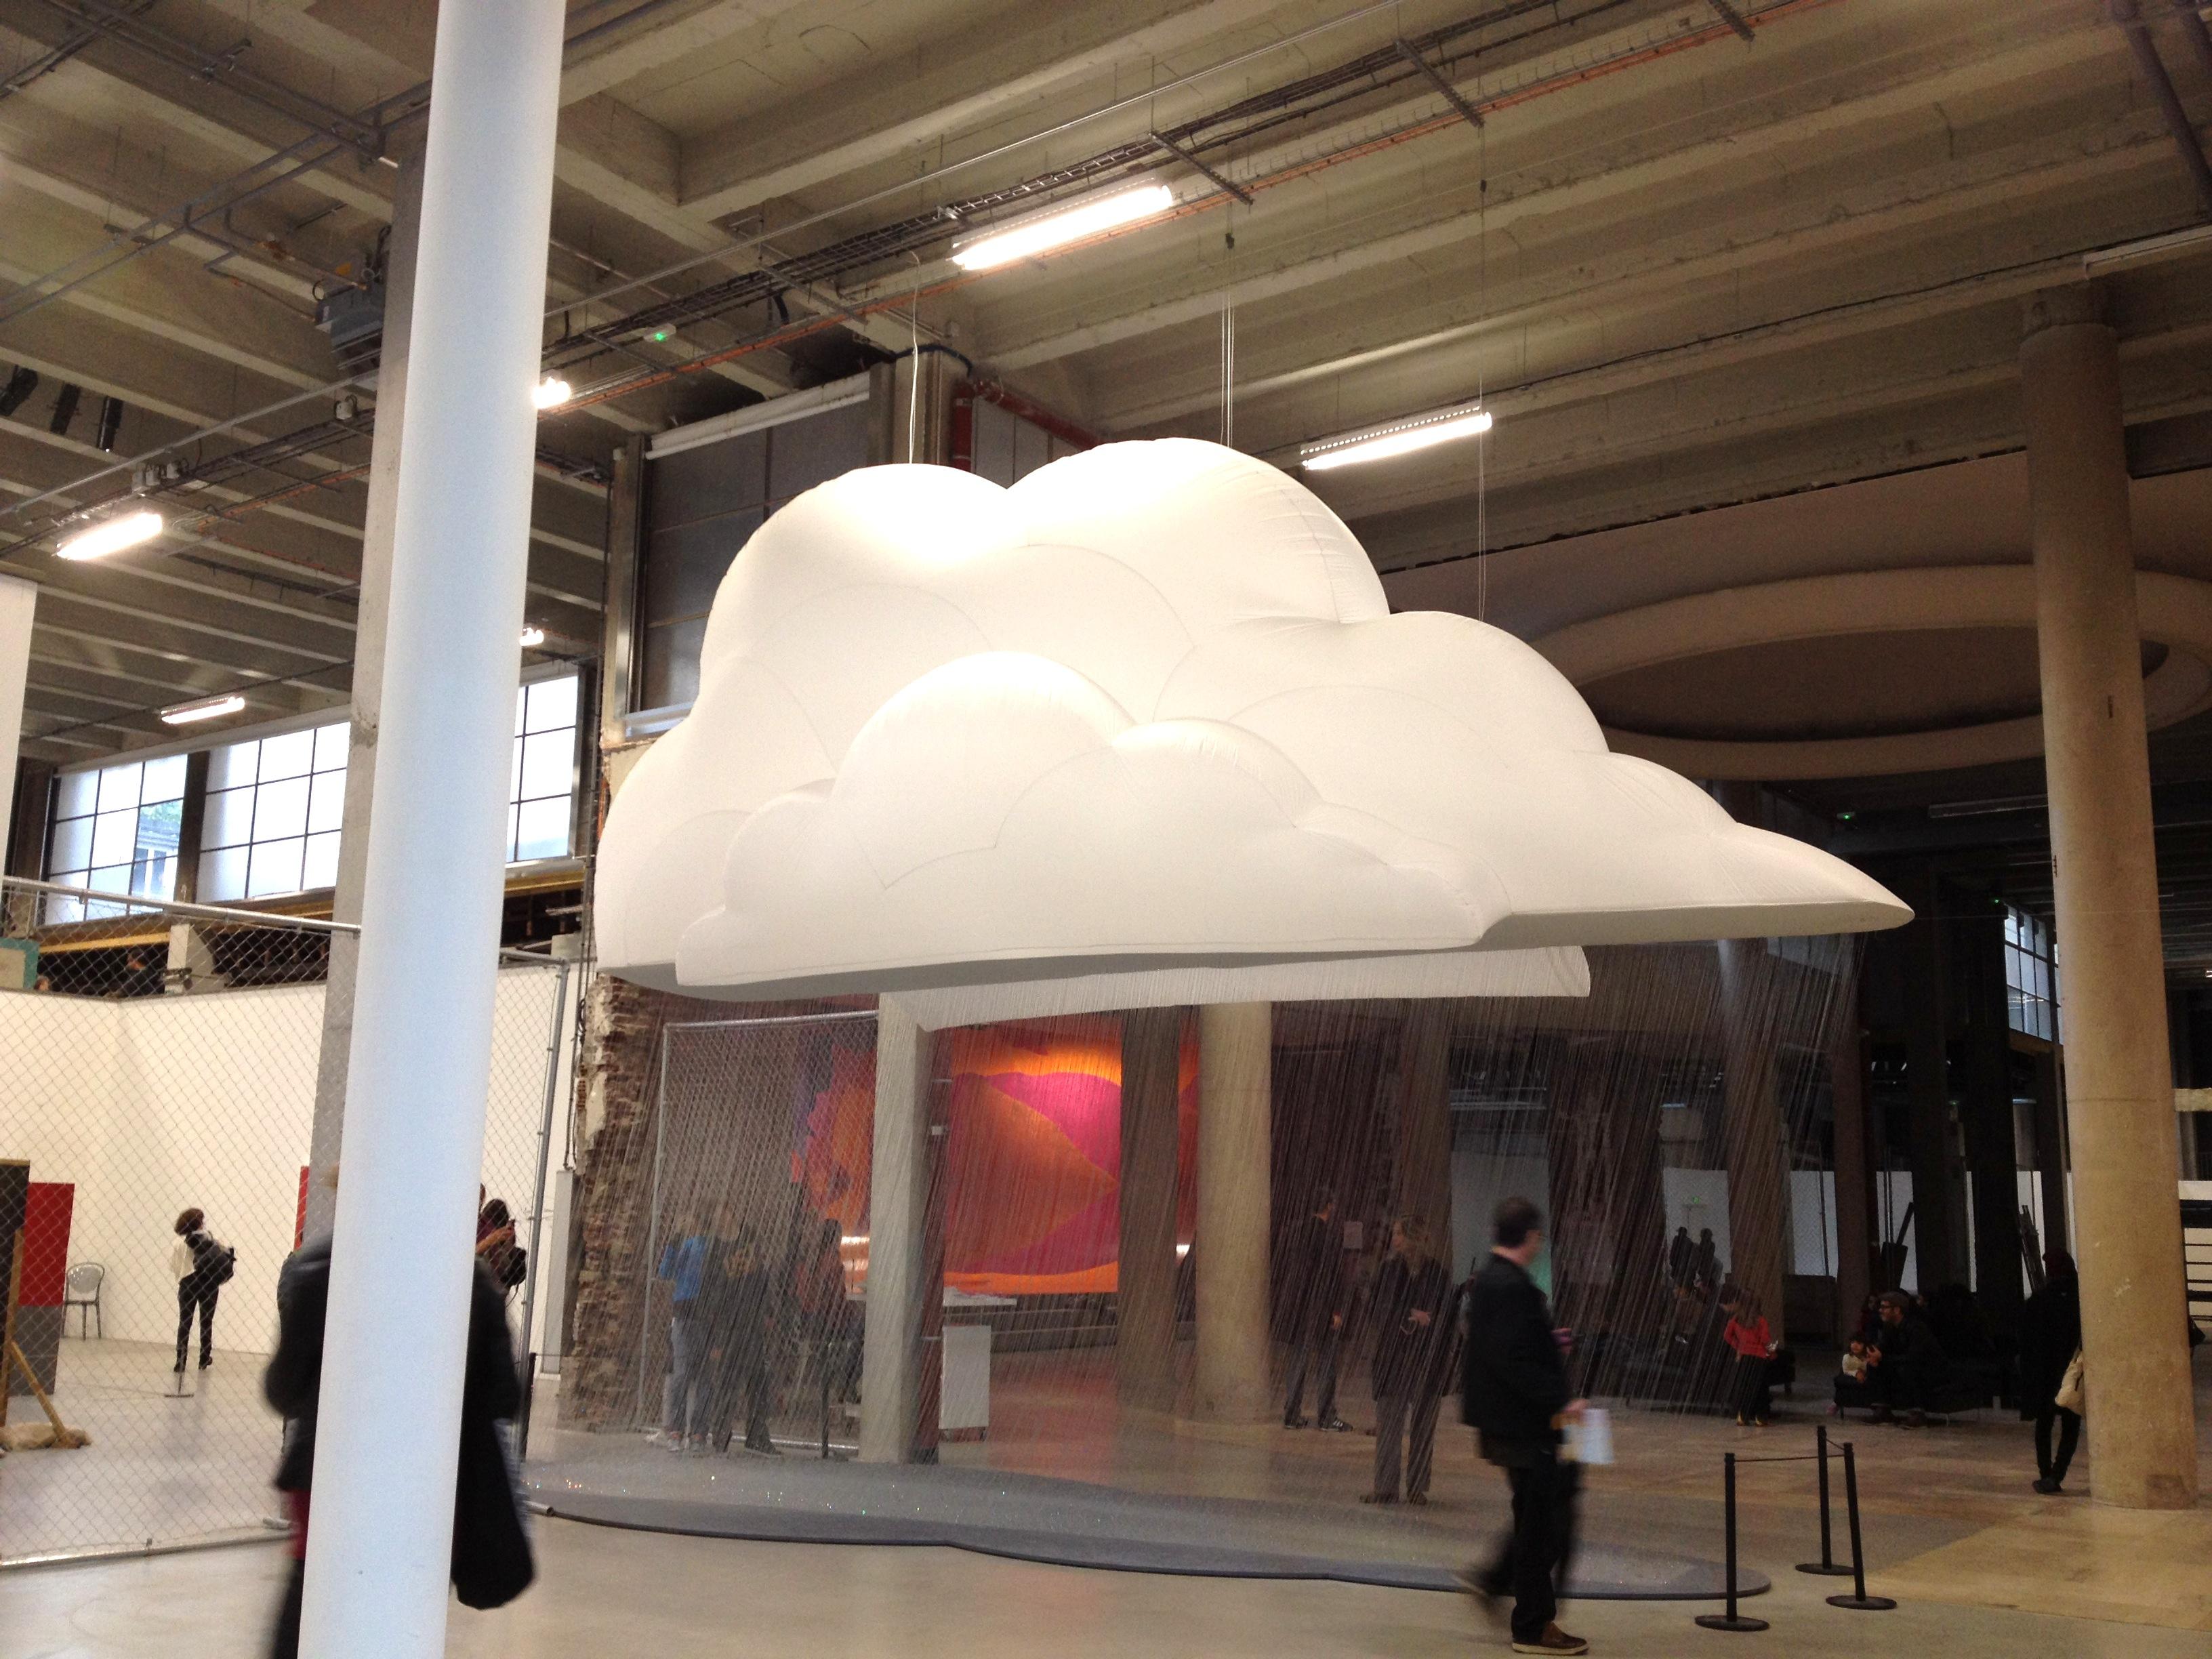 Expo imaginez l 39 imaginaire palais de tockyo paris for Expo paris fevrier